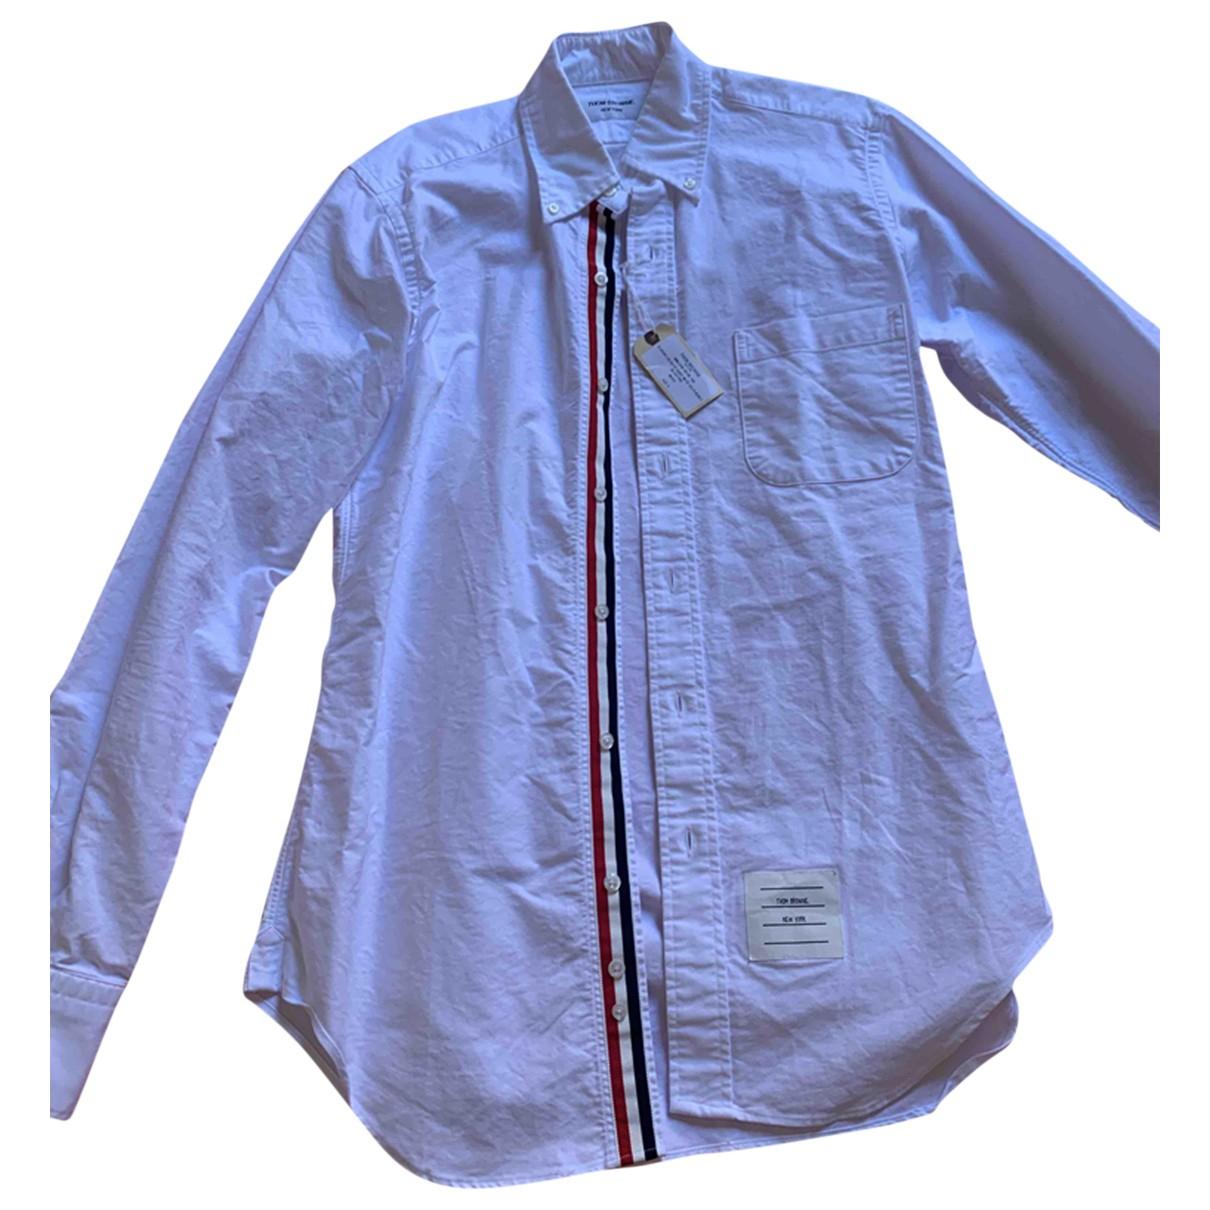 Thom Browne \N Hemden in  Weiss Baumwolle